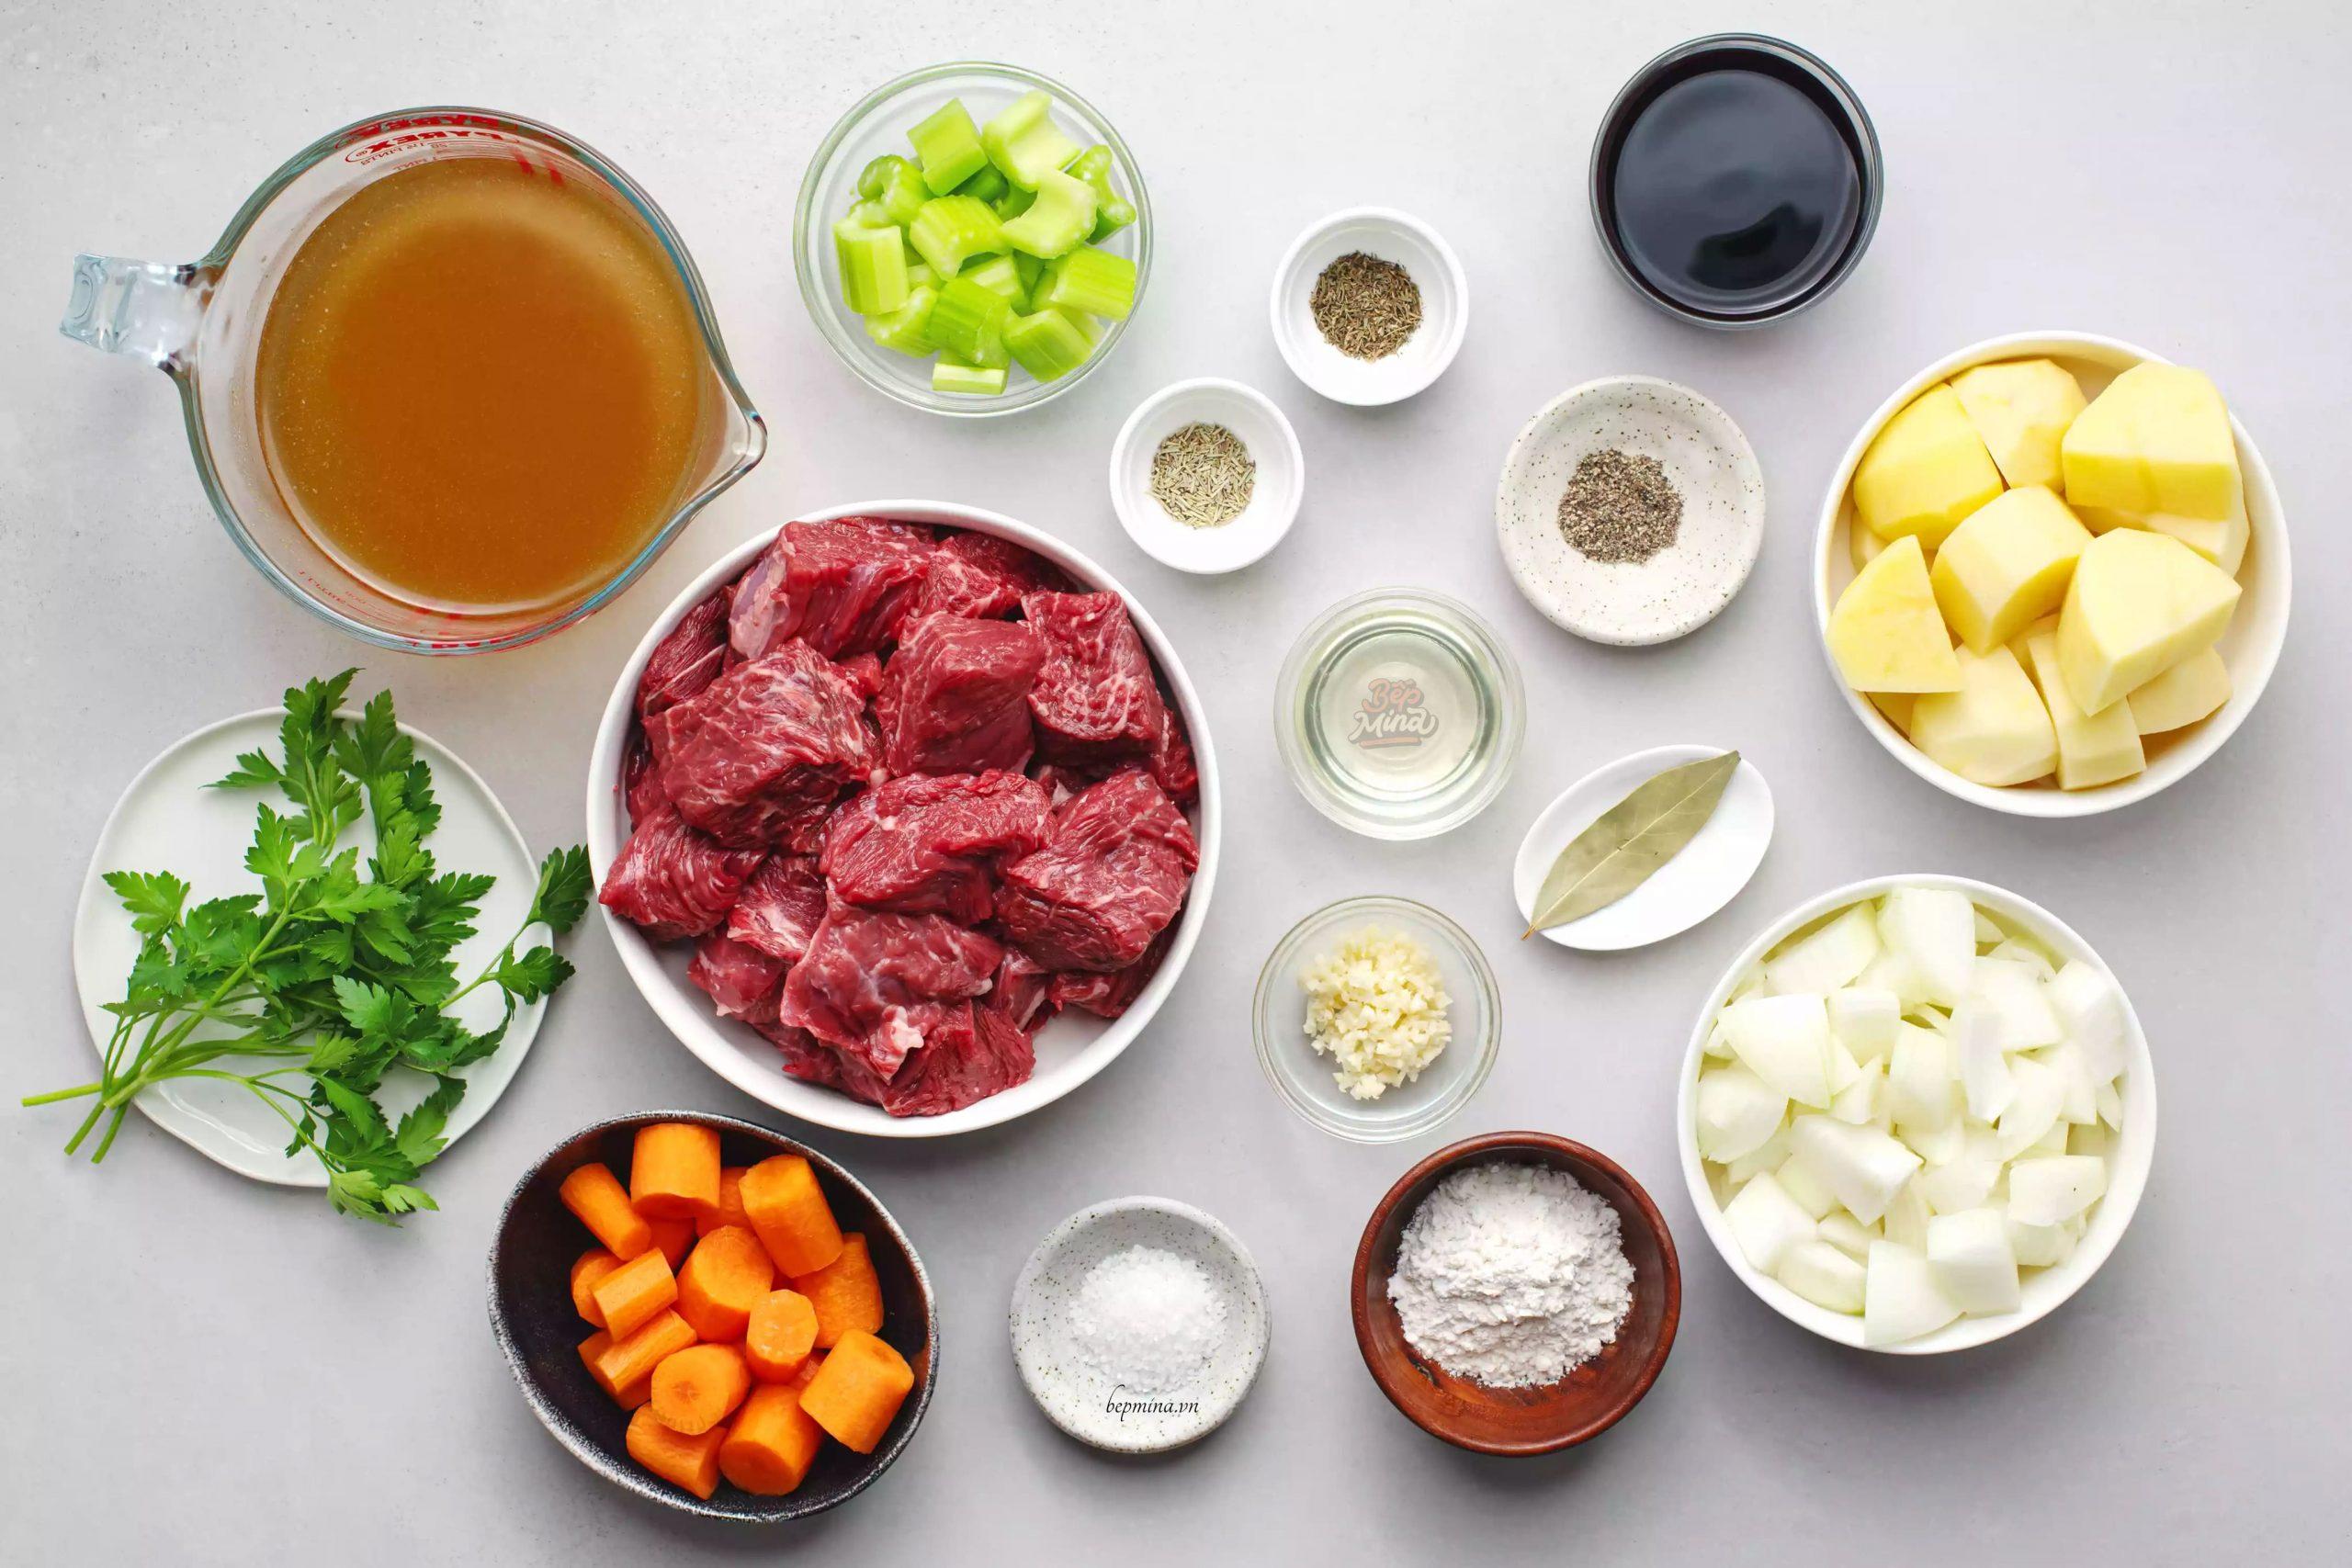 nguyên liệu nấu bò kho nước dừa